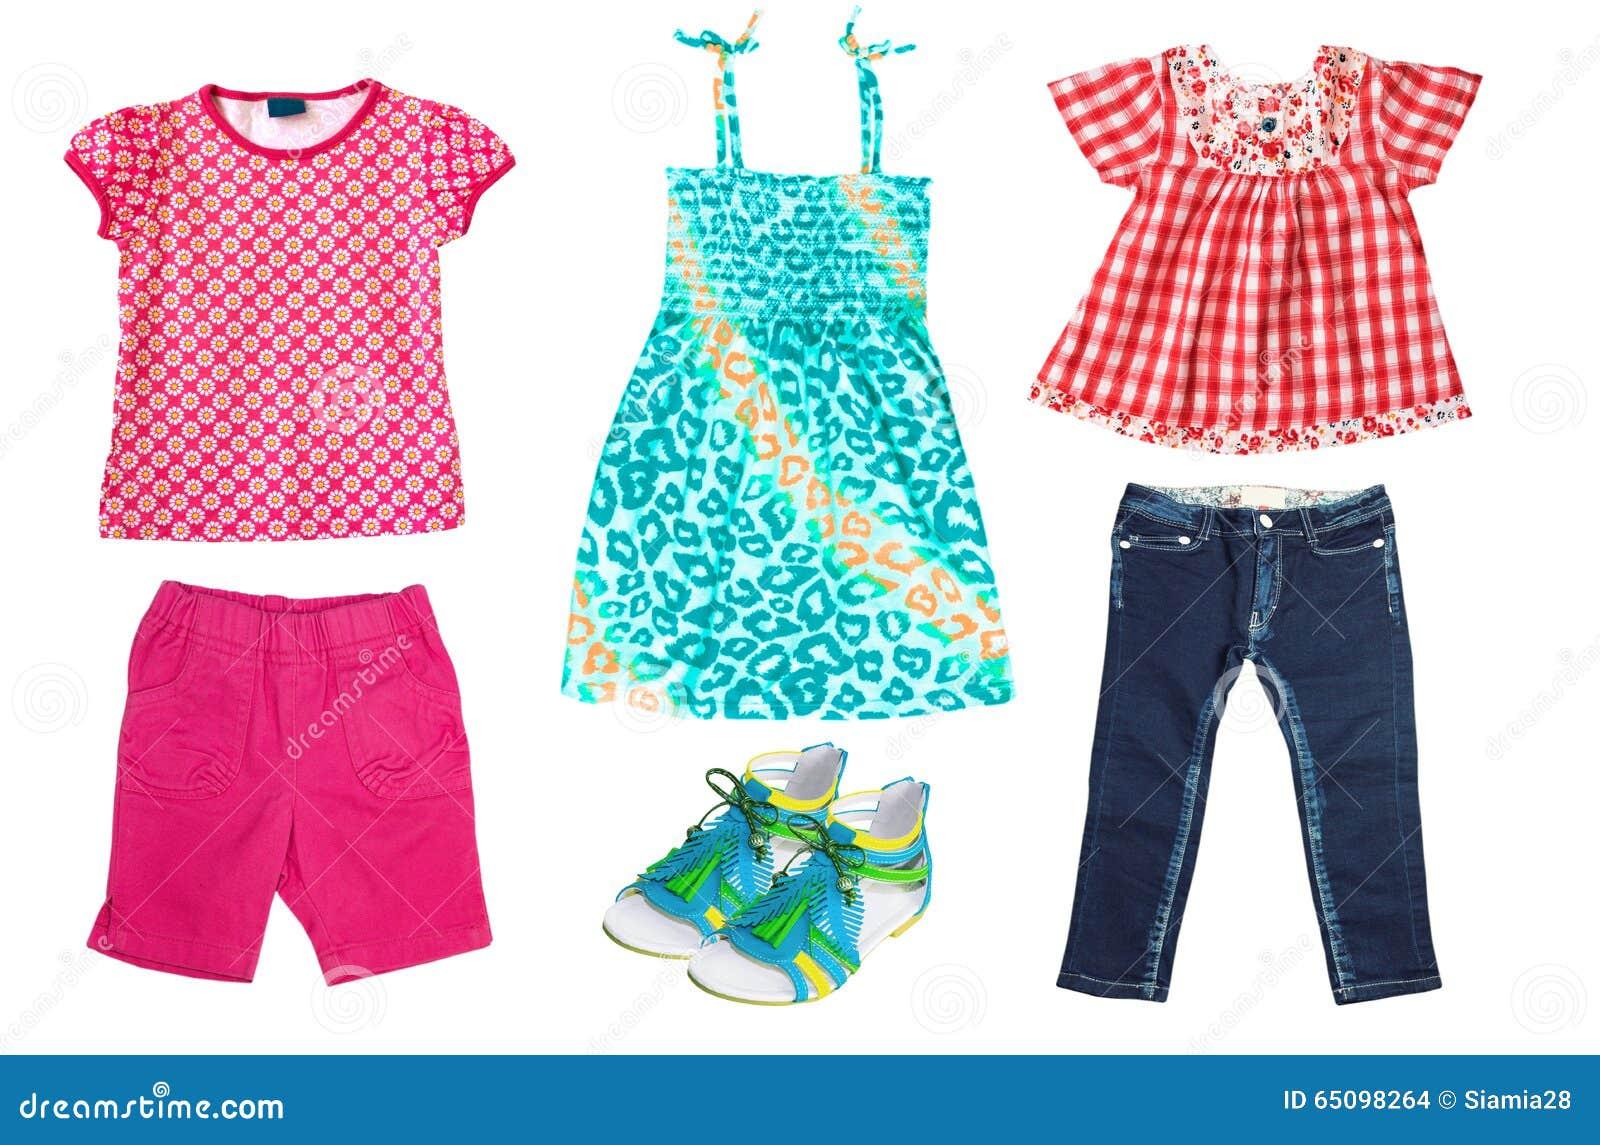 ad932e21fe2a9 Les Vêtements De L enfant D été D isolement Sur Le Blanc Photo stock ...